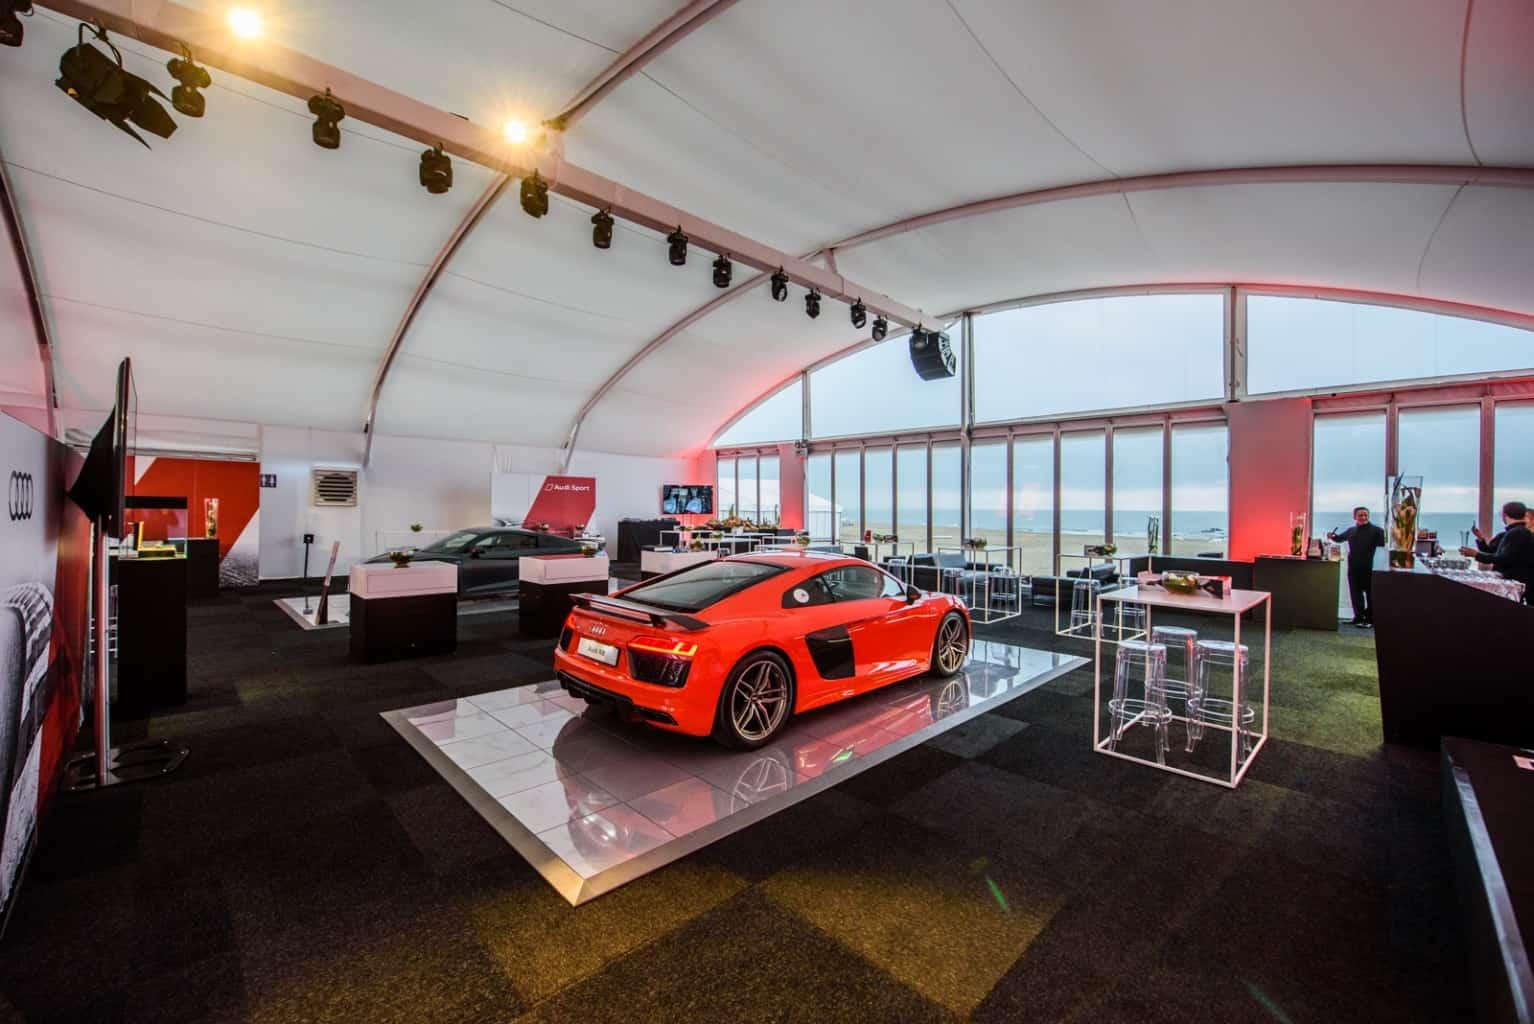 Présentation de la nouvelle R8 d'Audi organisée par So Event